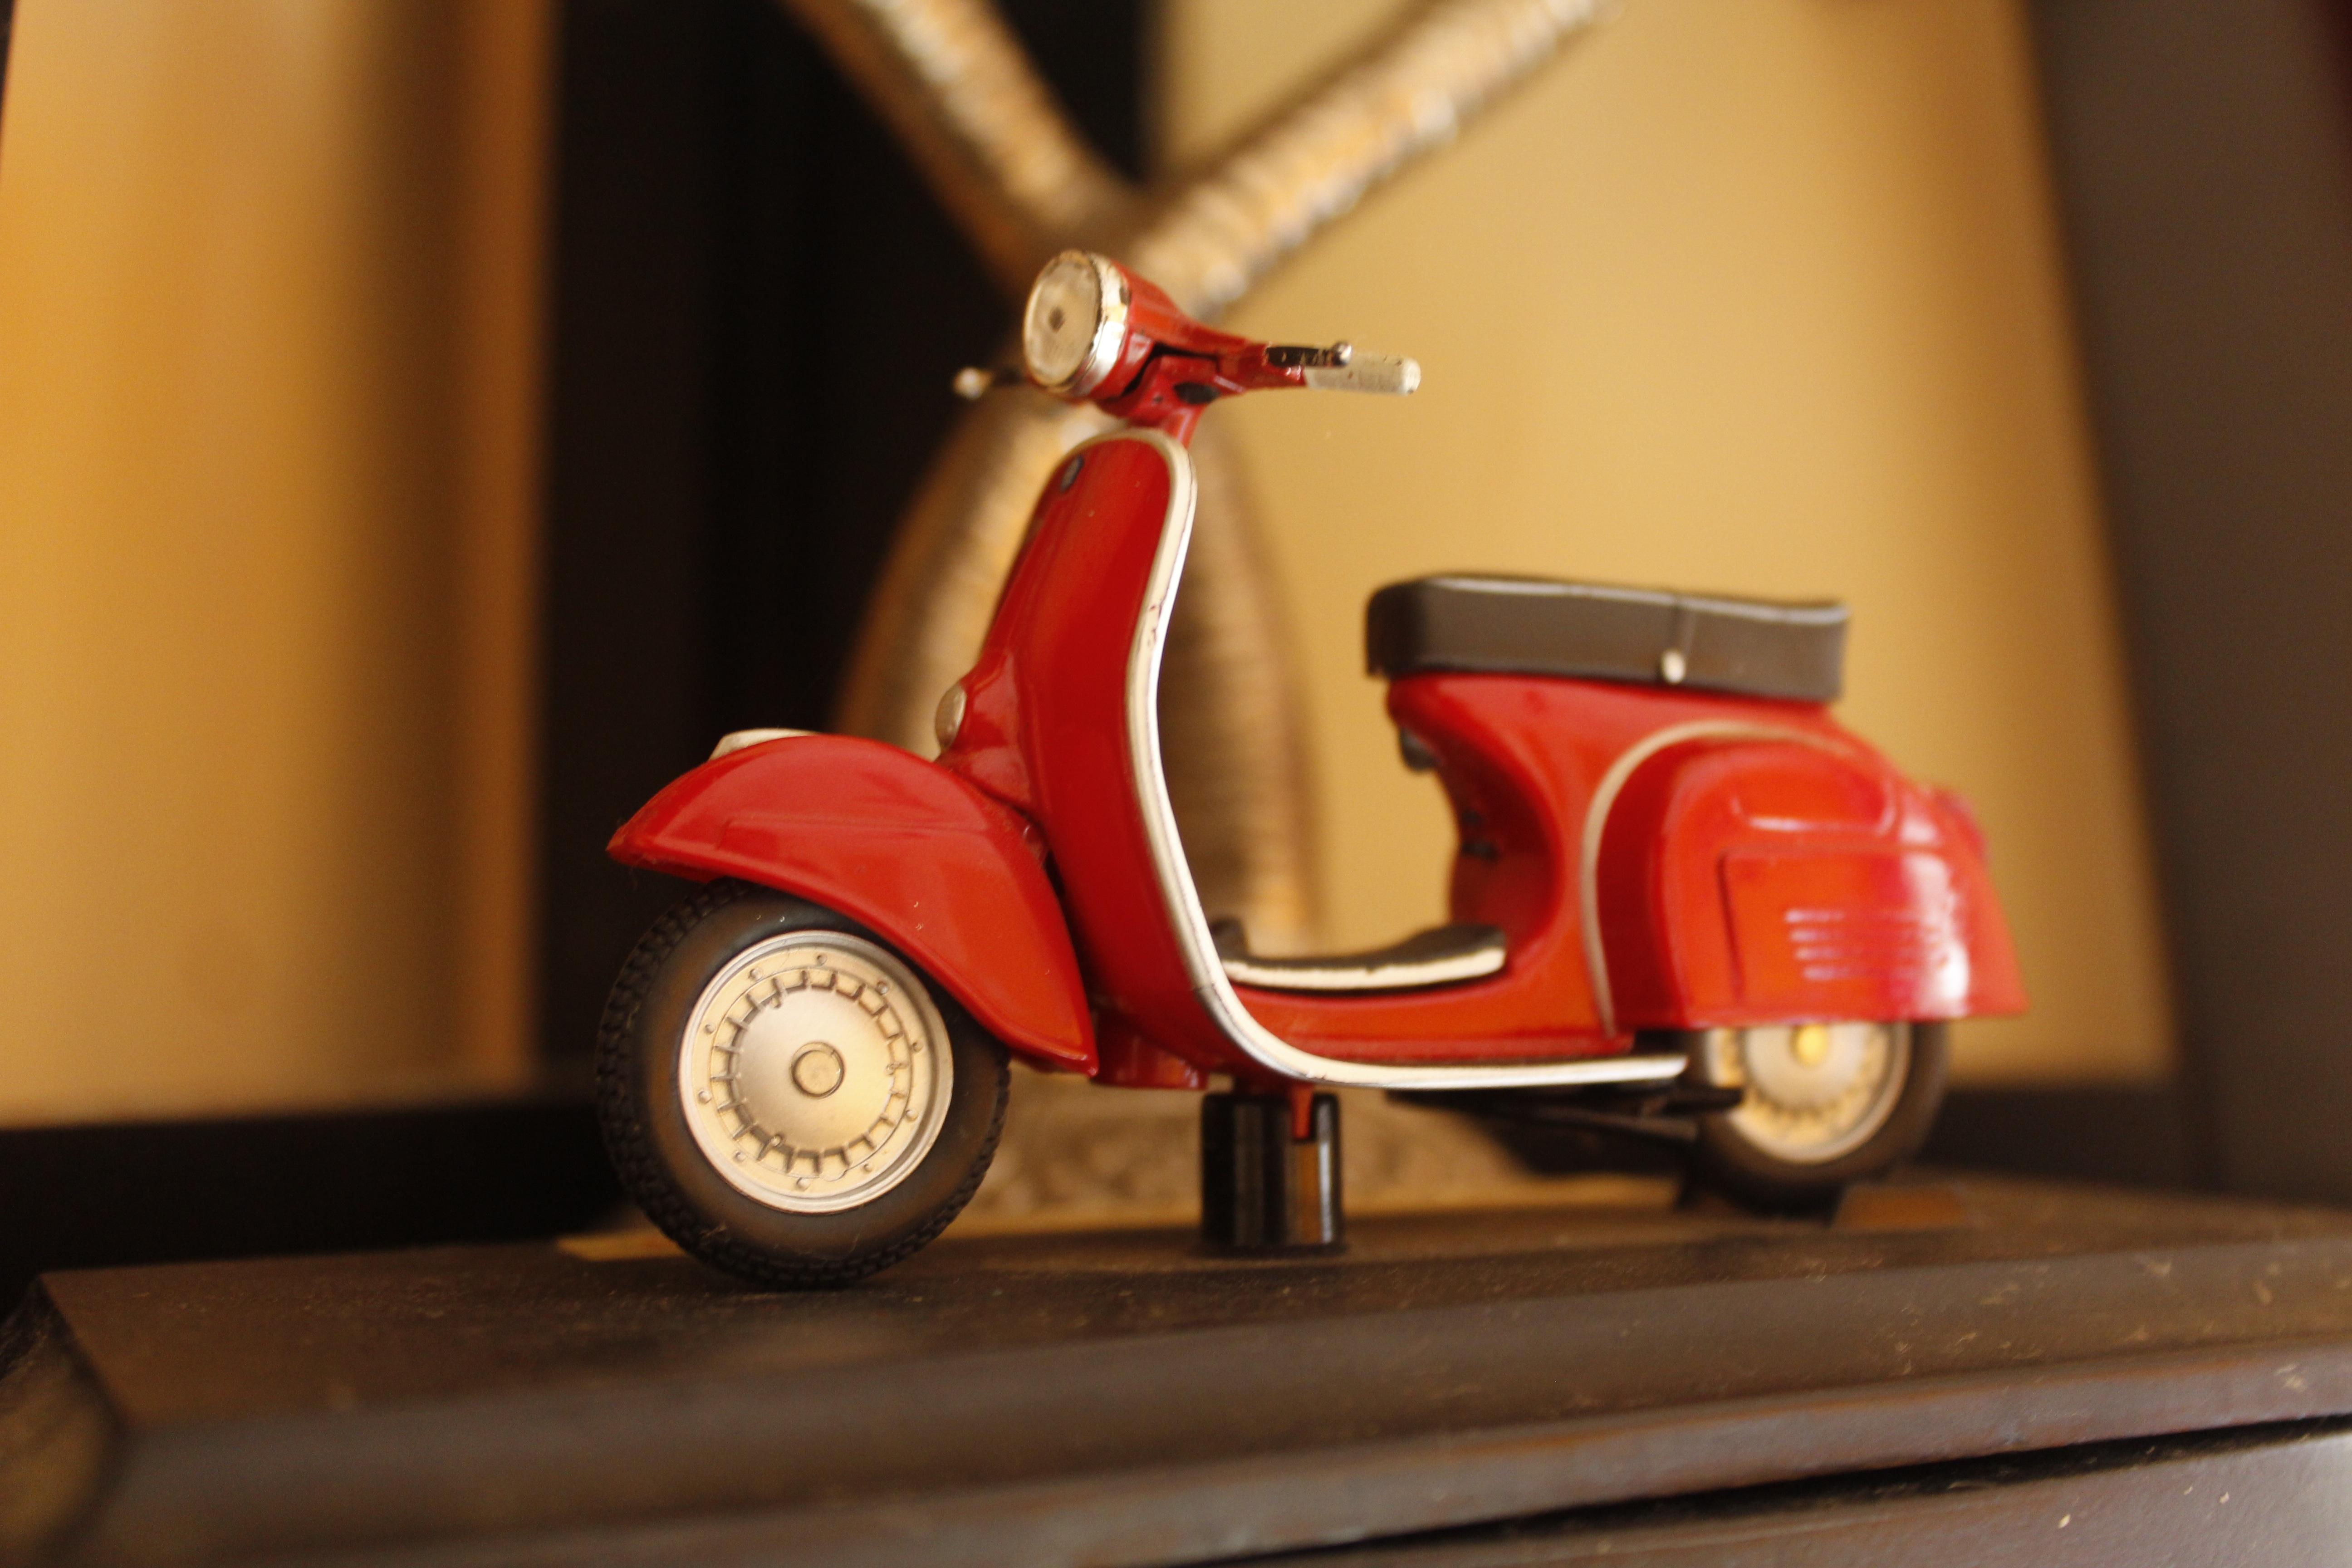 Gambar Roda Angkutan Merah Kendaraan Kecil Anak Mengendarai